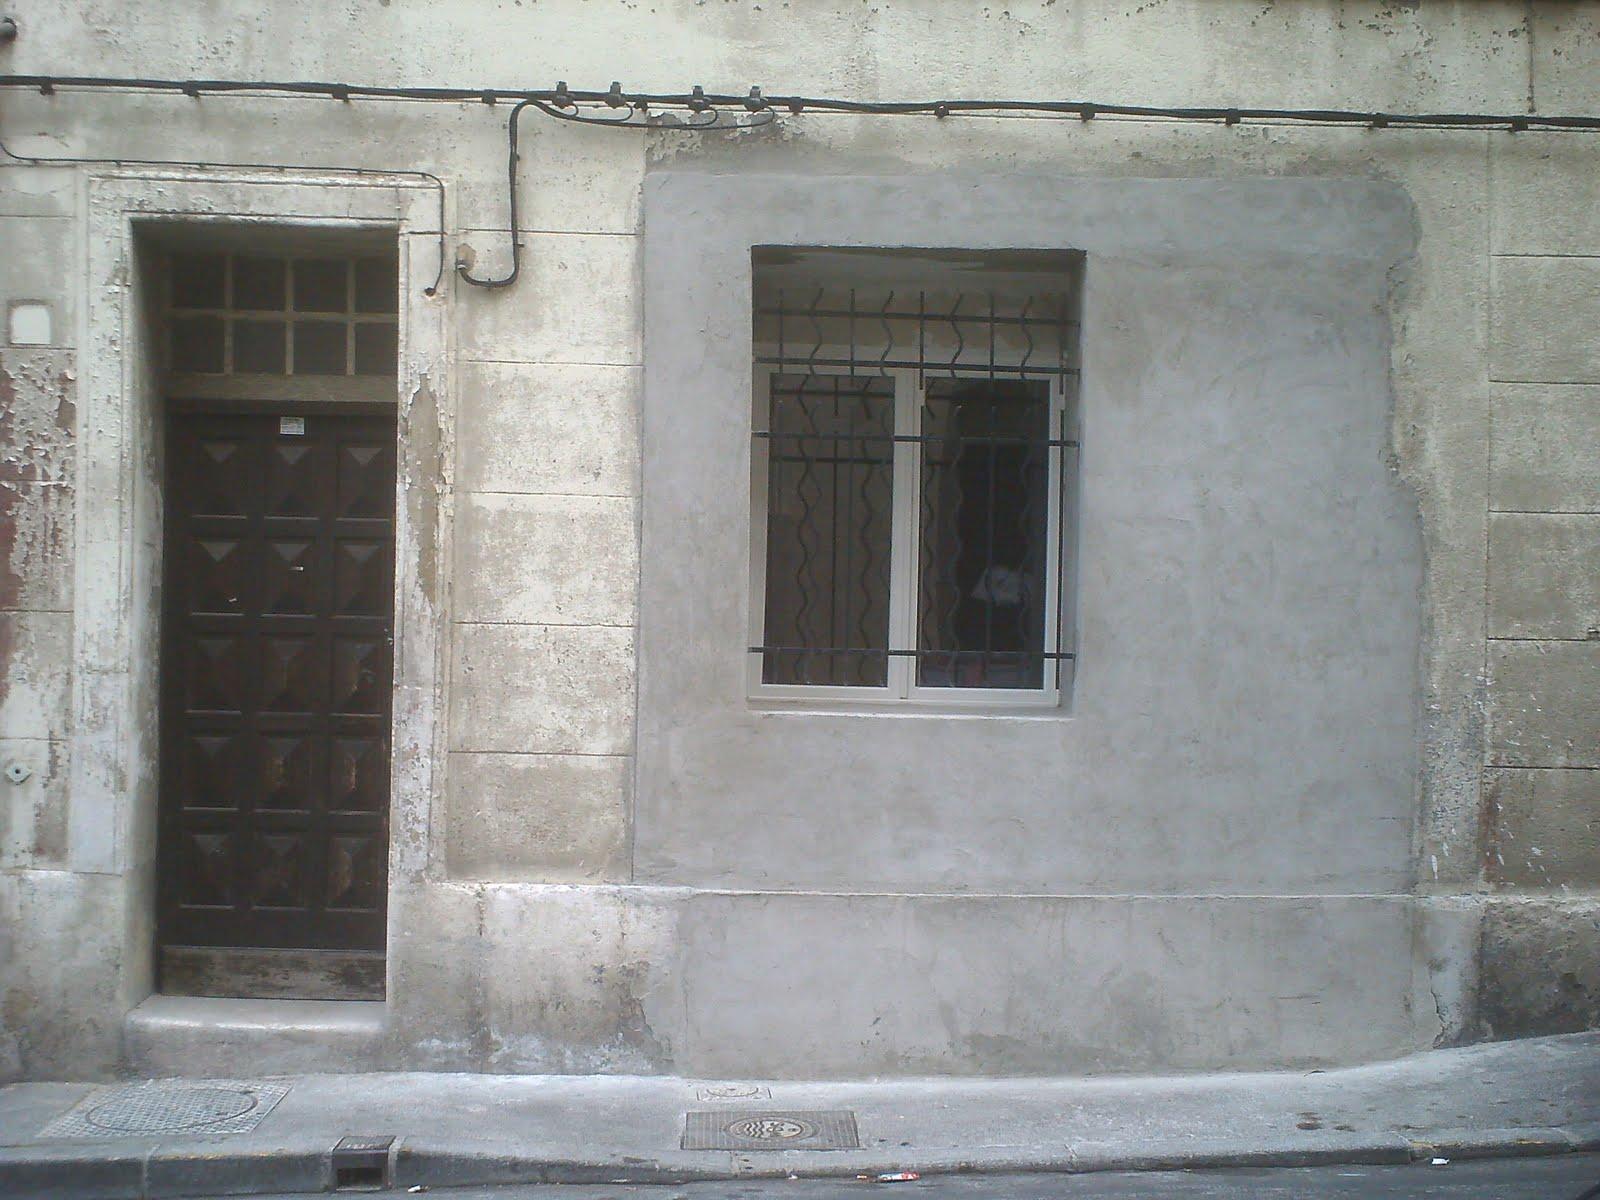 ciq saint mauront rue toussaint permis de construire. Black Bedroom Furniture Sets. Home Design Ideas